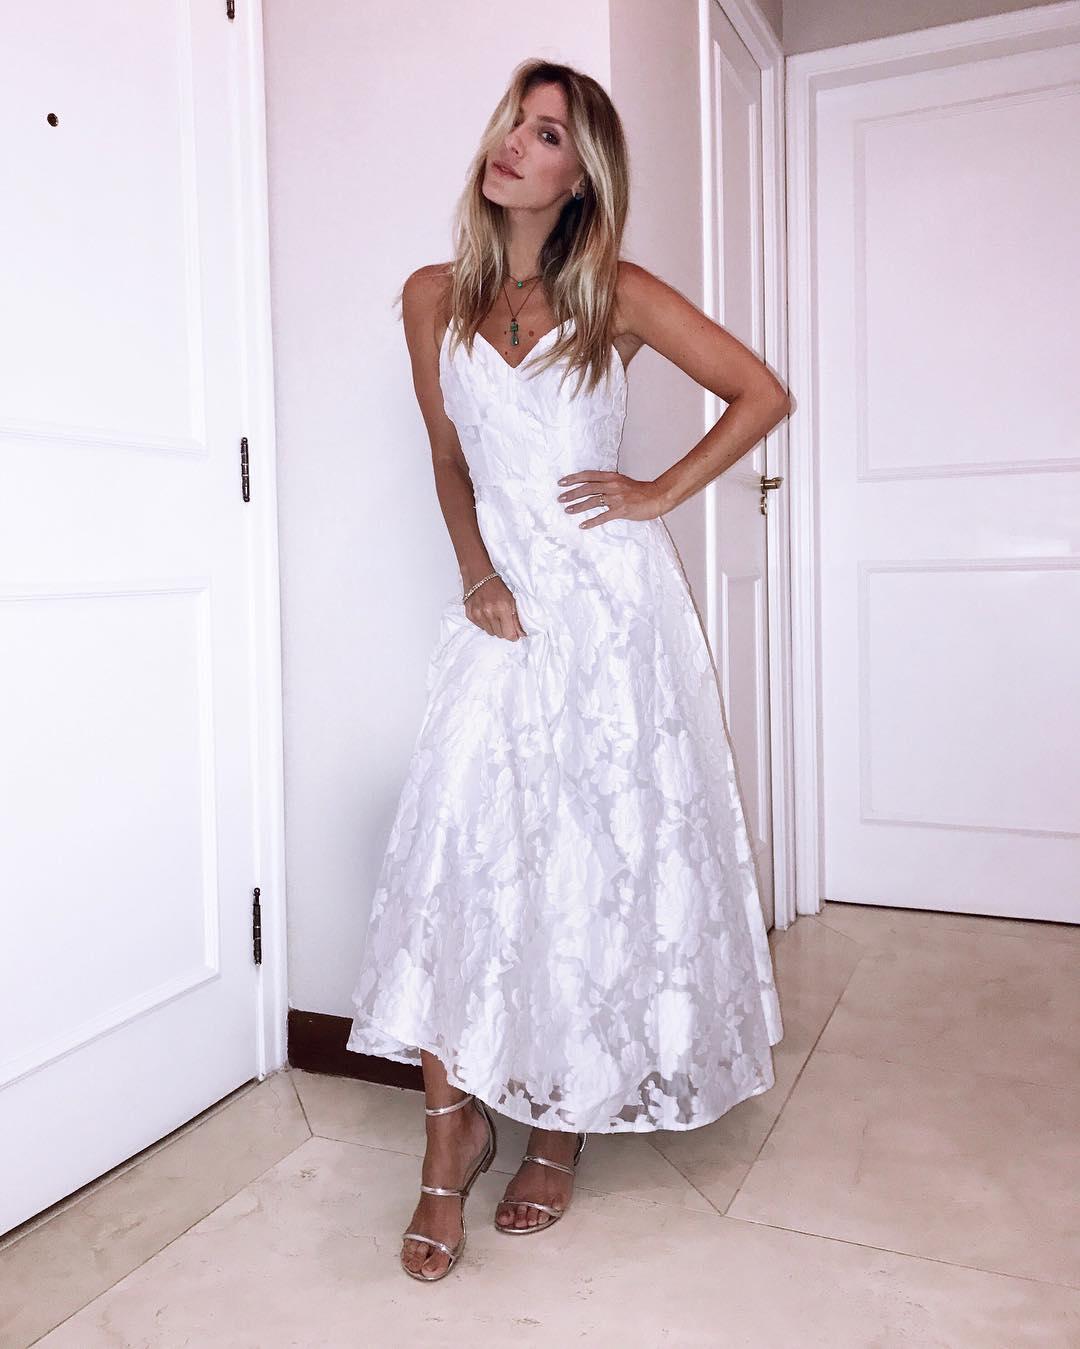 5288bb63bdb0 Vestido para casamento civil: 80 modelos lindos para esse dia especial